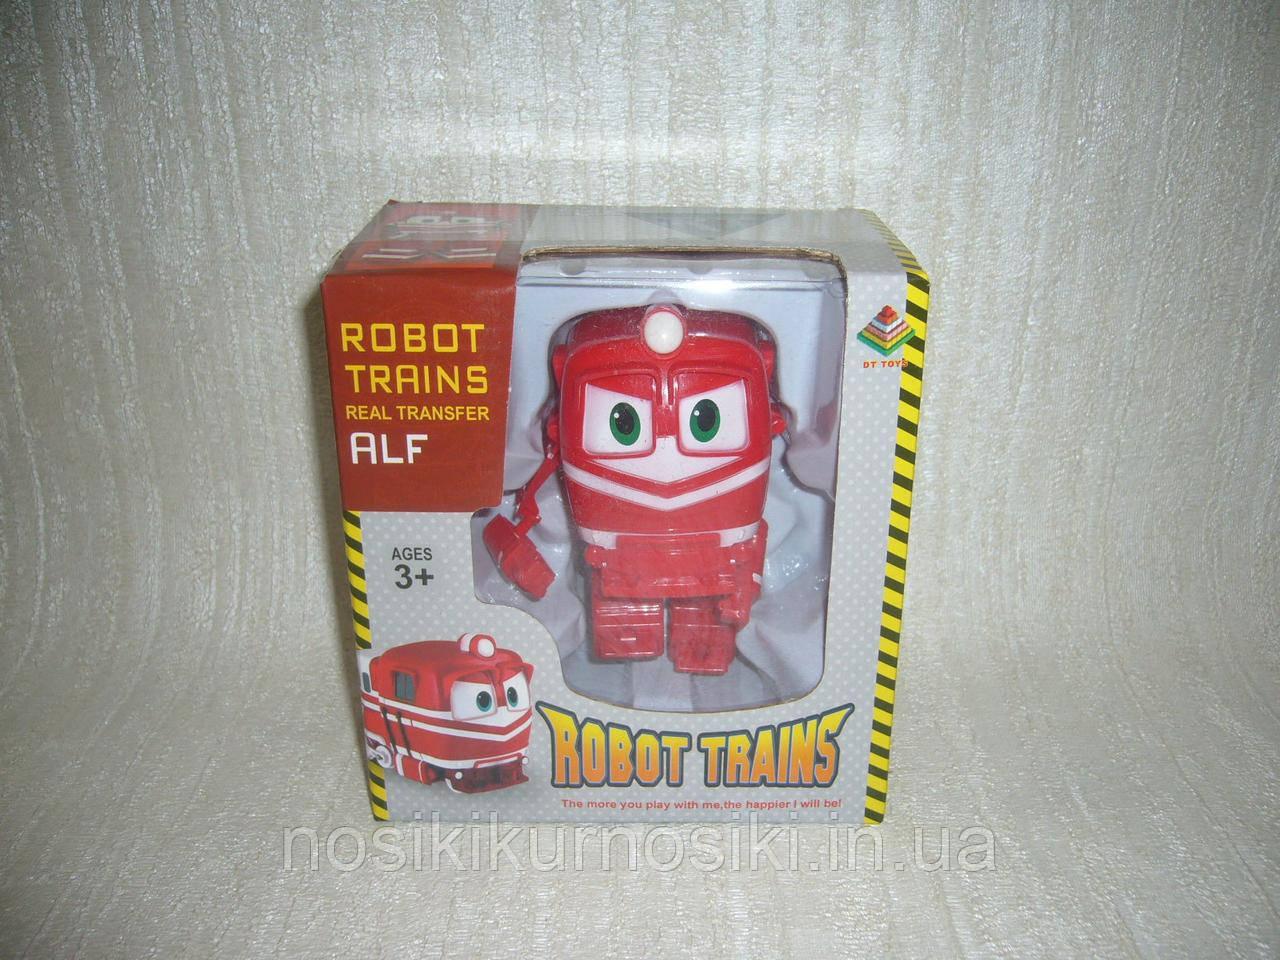 Трансформер Robot Trains паровозик Альф Alf